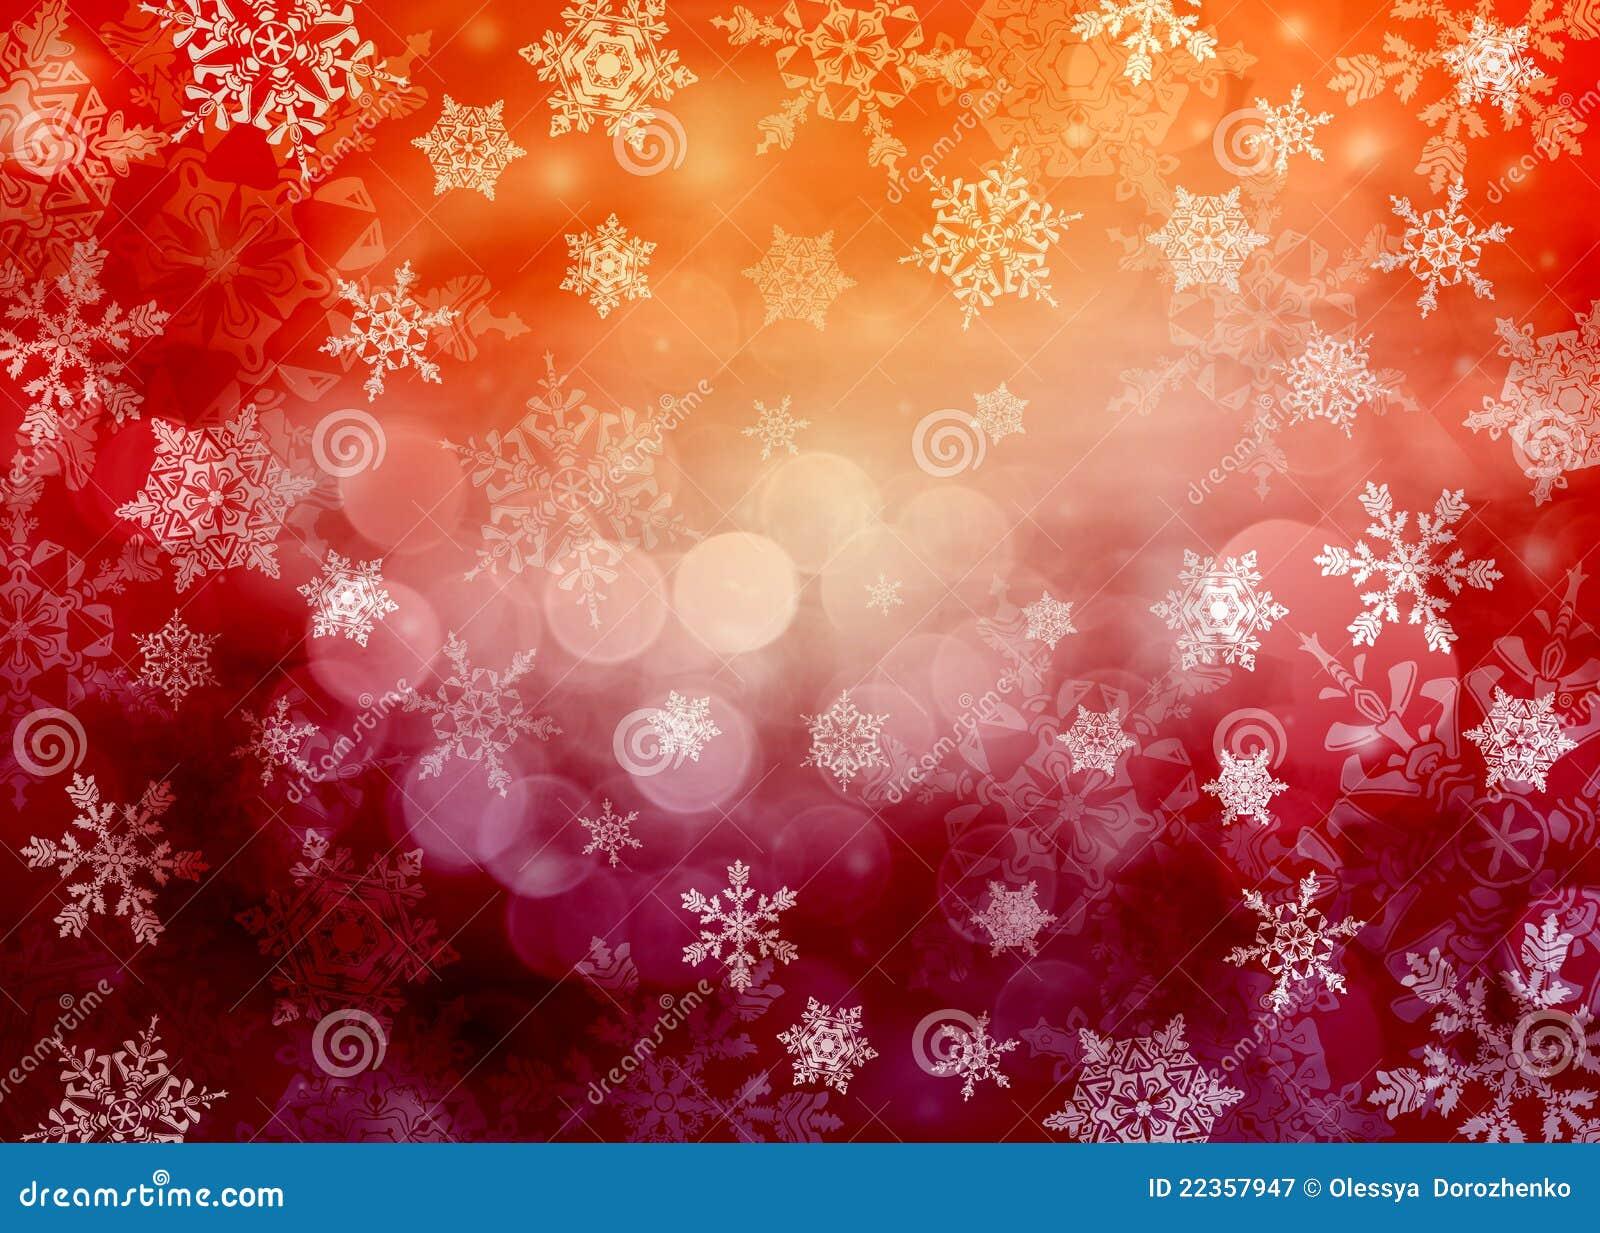 变化的背景圣诞节红色雪花